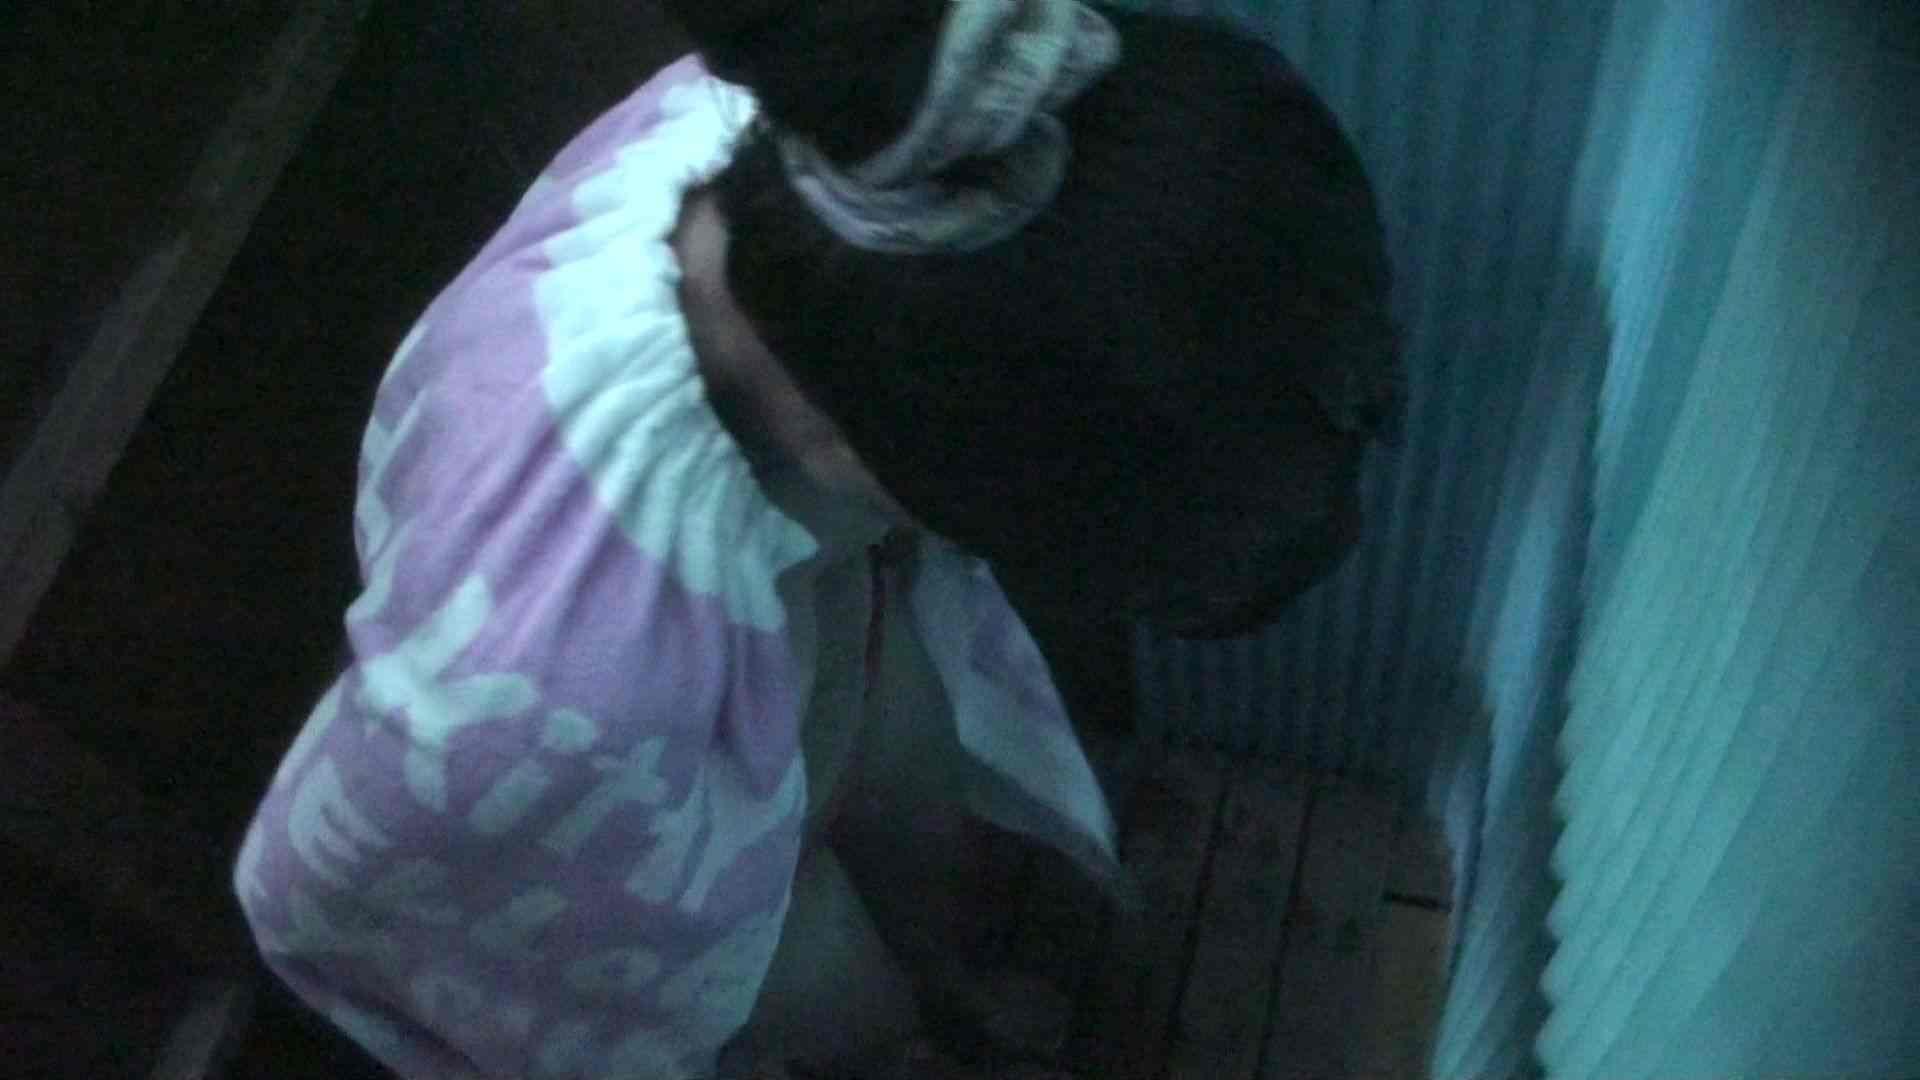 シャワールームは超!!危険な香りVol.26 大学生風美形ギャル 暗さが残念! シャワー 盗み撮りAV無料動画キャプチャ 86pic 54